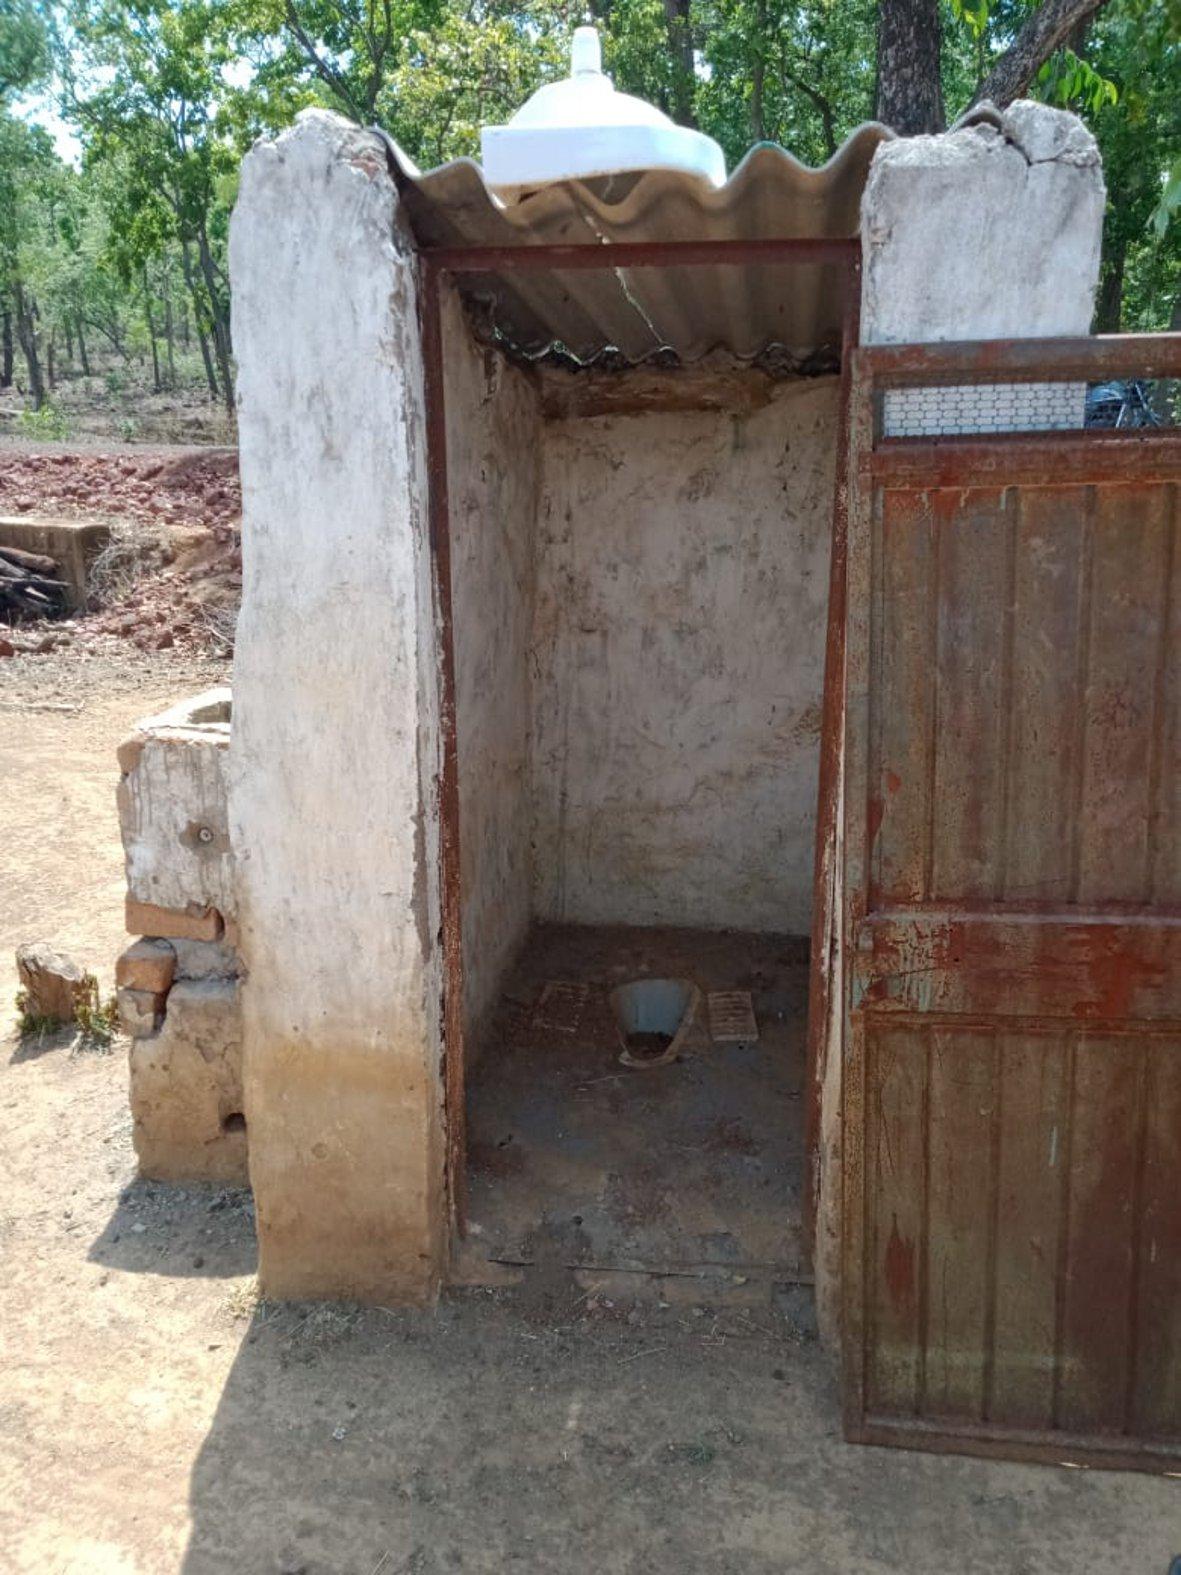 स्वच्छ भारत अभियान से बने सुविधाघरों की एक साल में मर्यादा हुई भंग